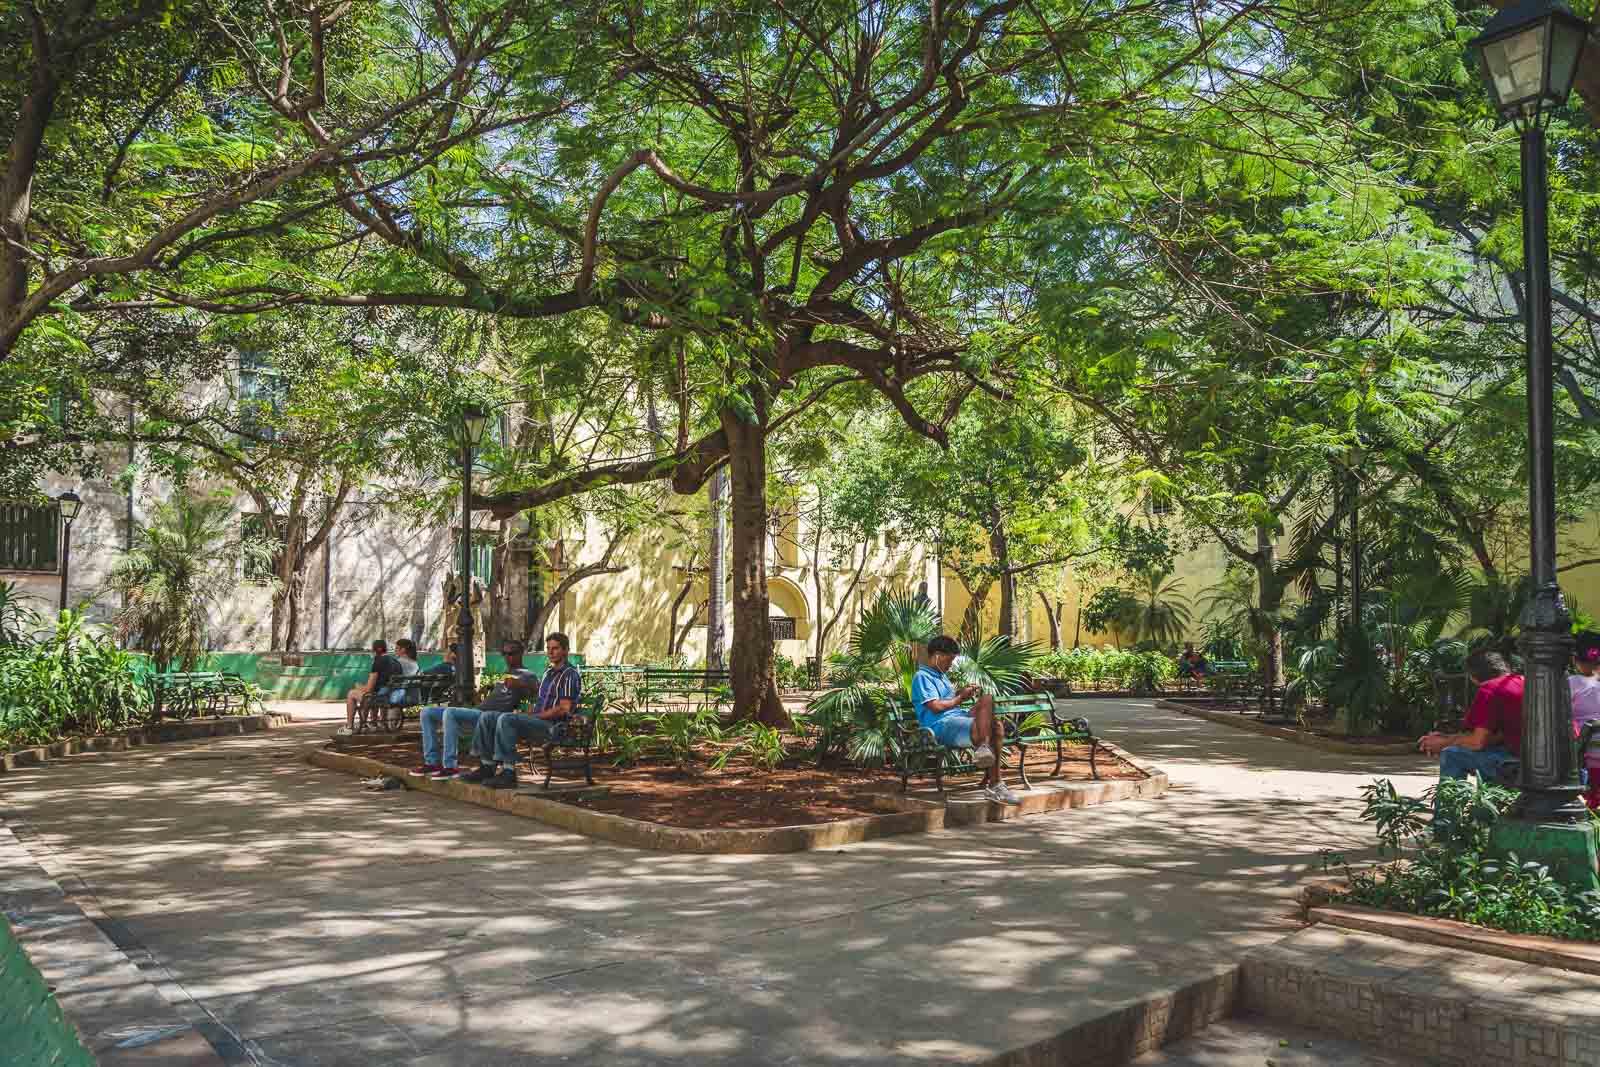 people on phones in park in Cuba wifi is scarce